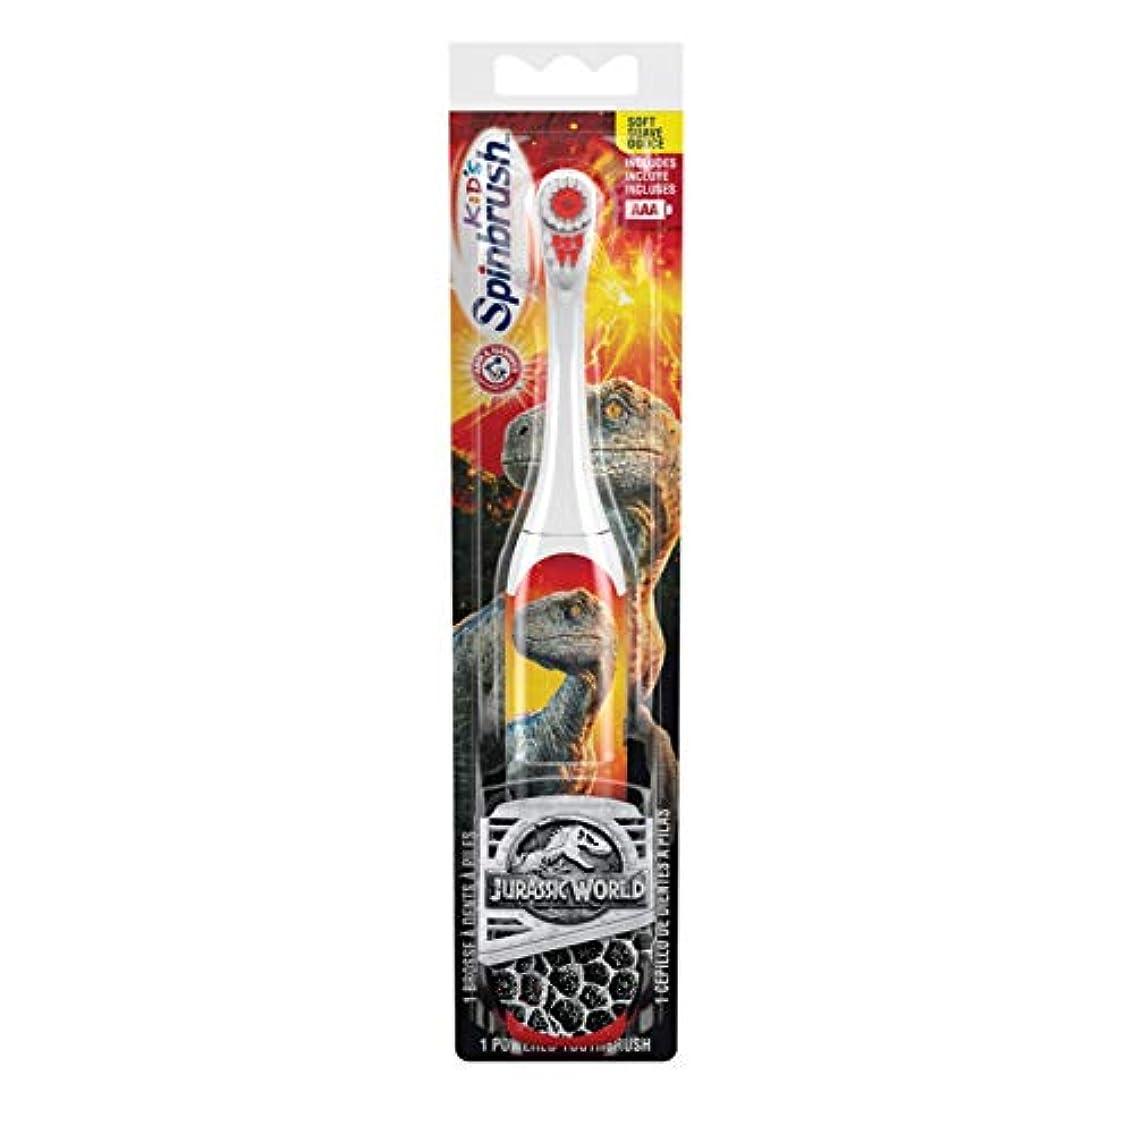 ブラウン微視的スパン海外直送品 お子様用ジェラシックワールド電動歯ブラシ 〈ソフト〉 ARM & HAMMER™ Spinbrush™ Jurrassic World 1 Powerd Thoothblash Soft